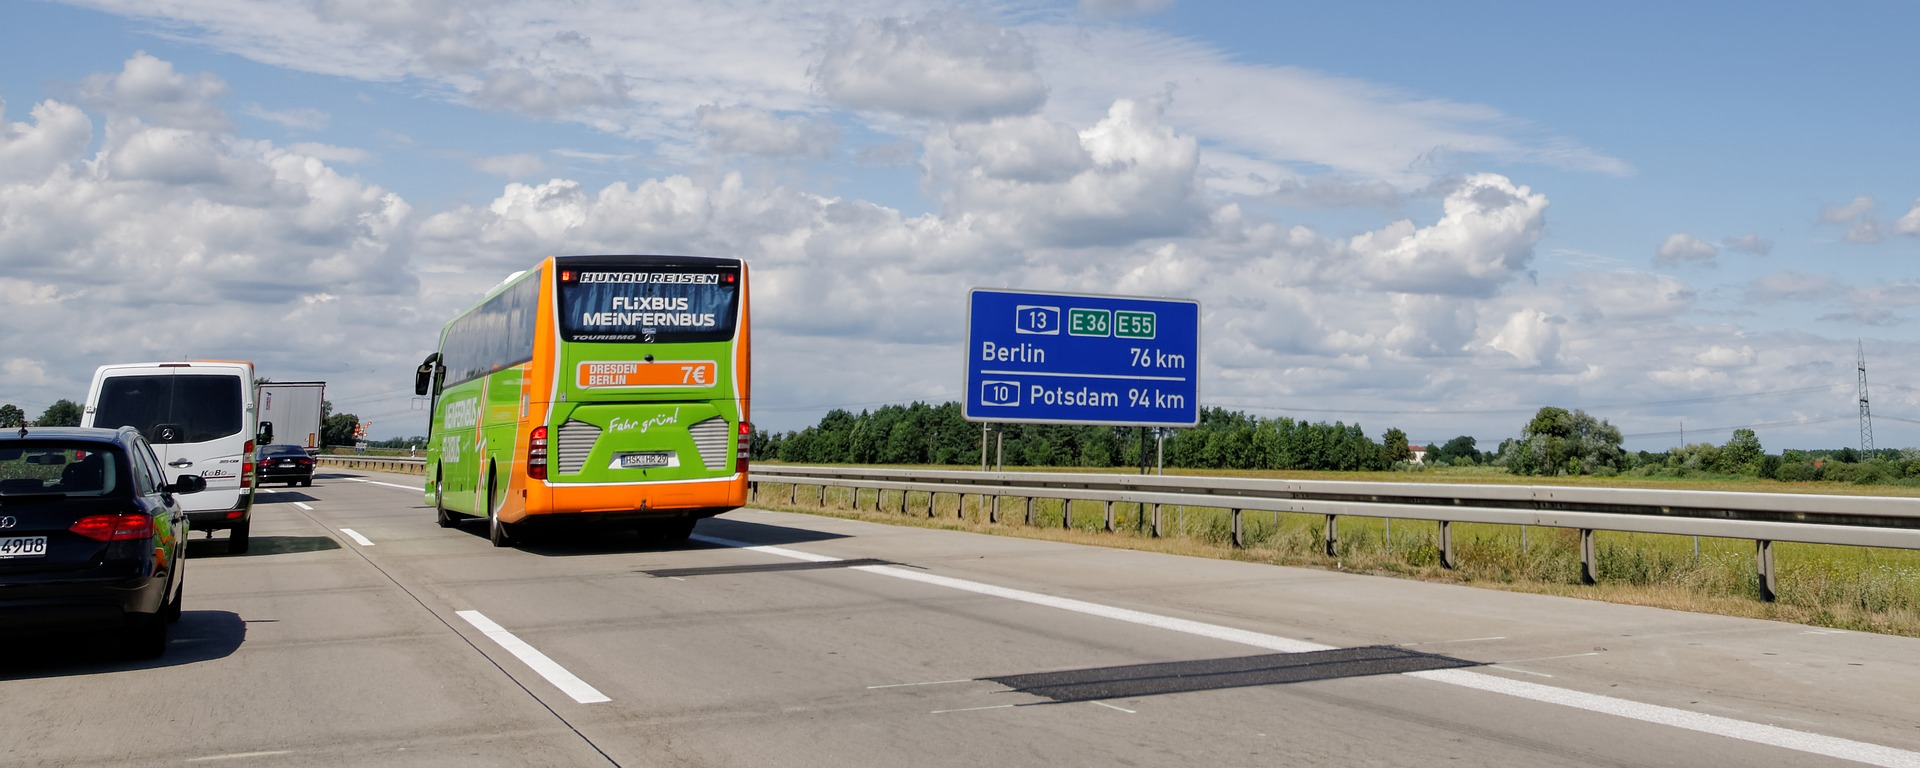 Anreise mit dem Bus zum Gardasee